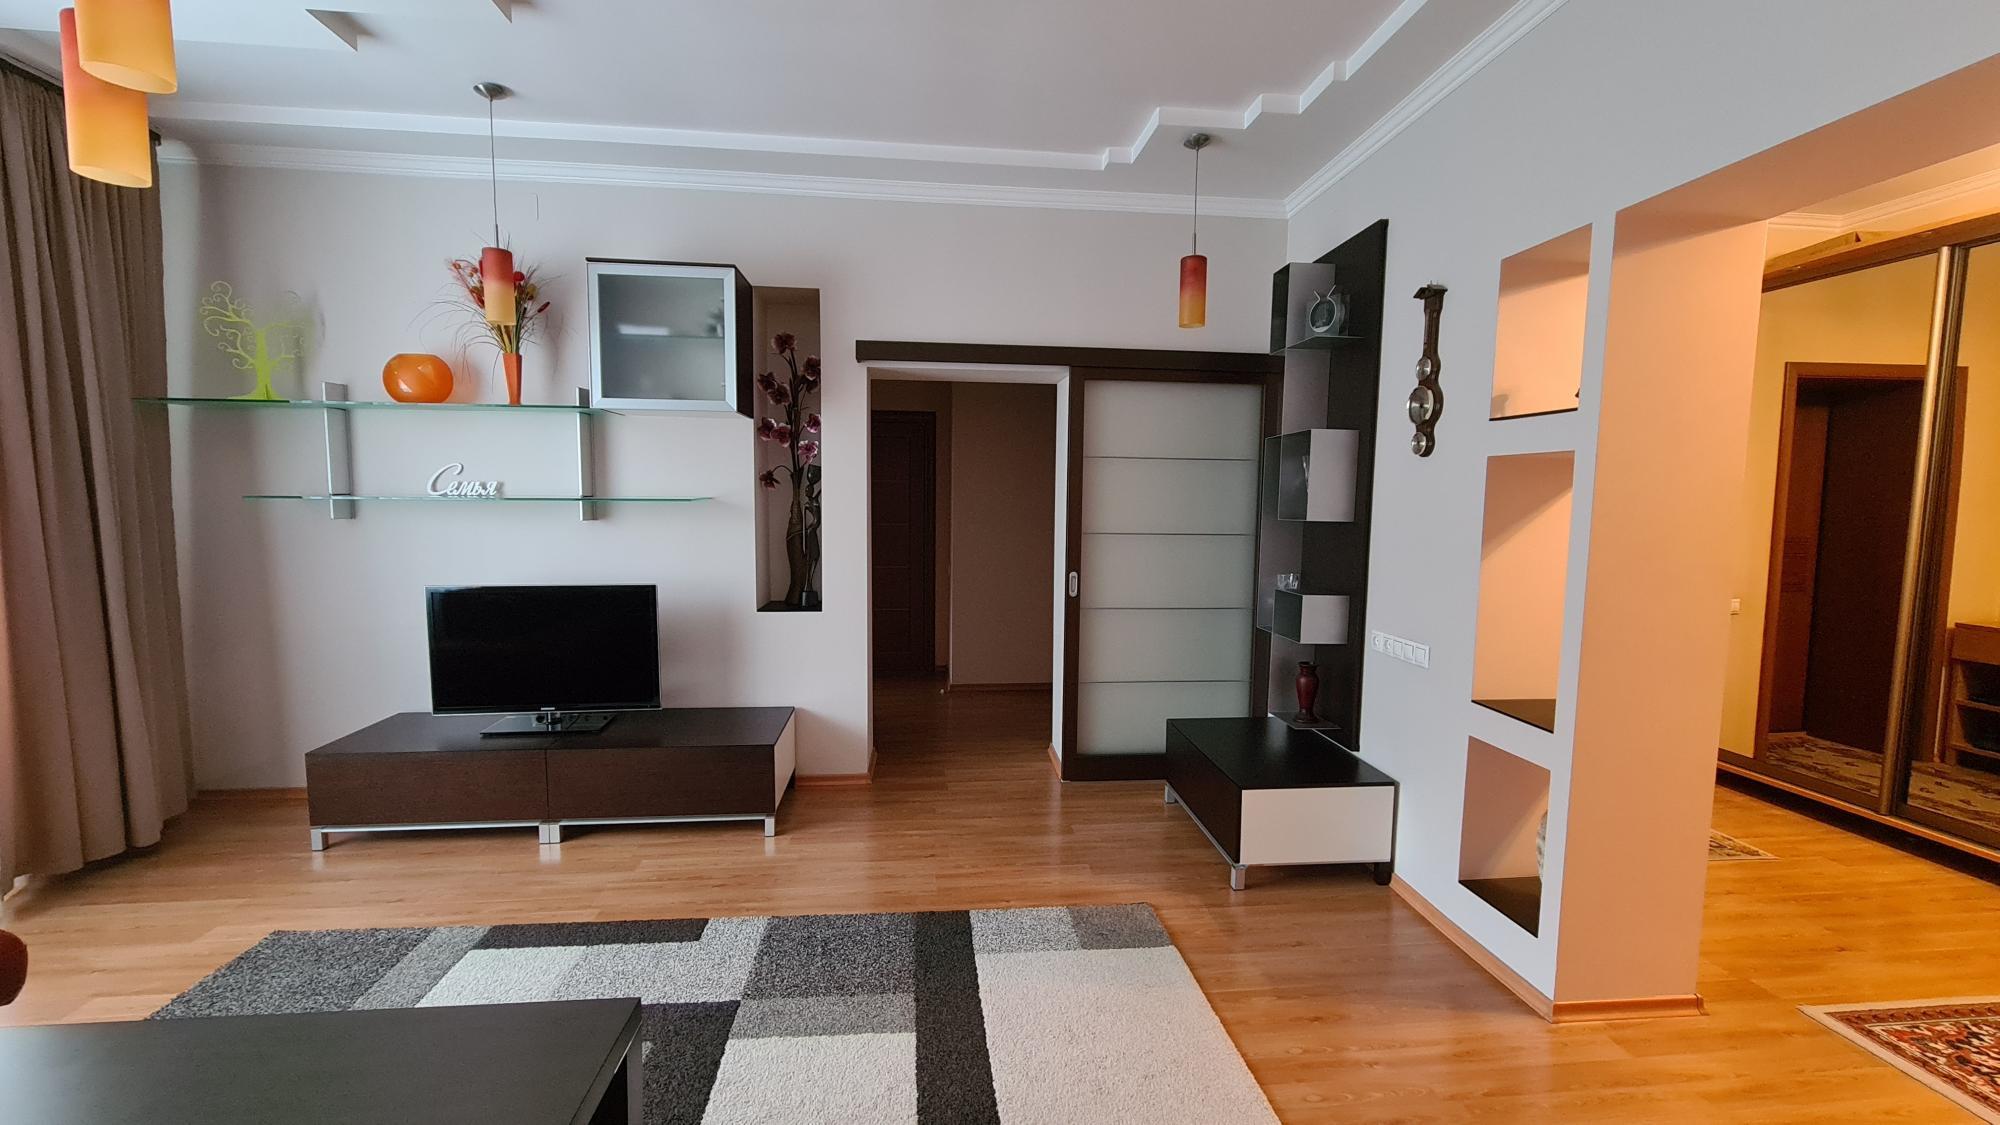 4к квартира улица Елены Стасовой, 25Г | 70000 | аренда в Красноярске фото 2